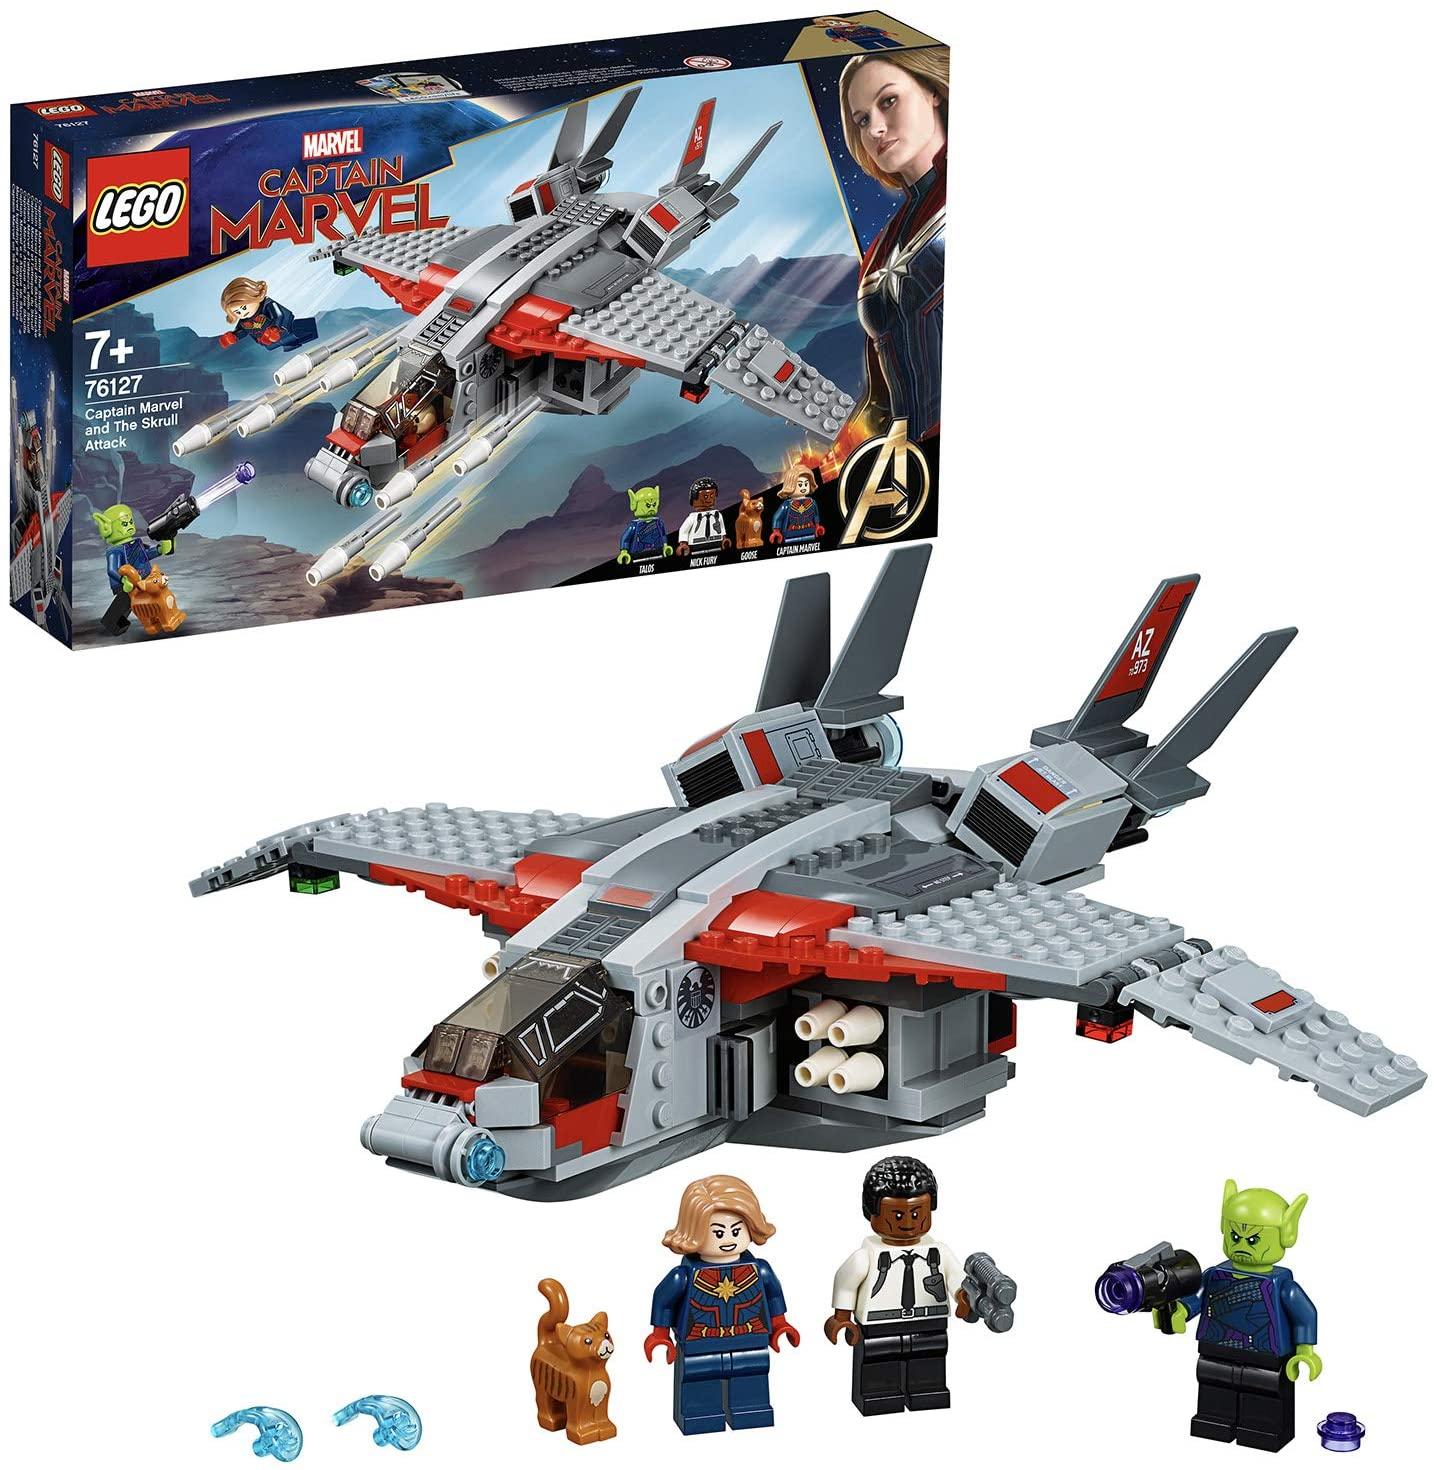 LEGO Marvel Super Heroes - Capitana Marvel Ataque de los Skrulls, Nave de juguete para construir inspirado en la película